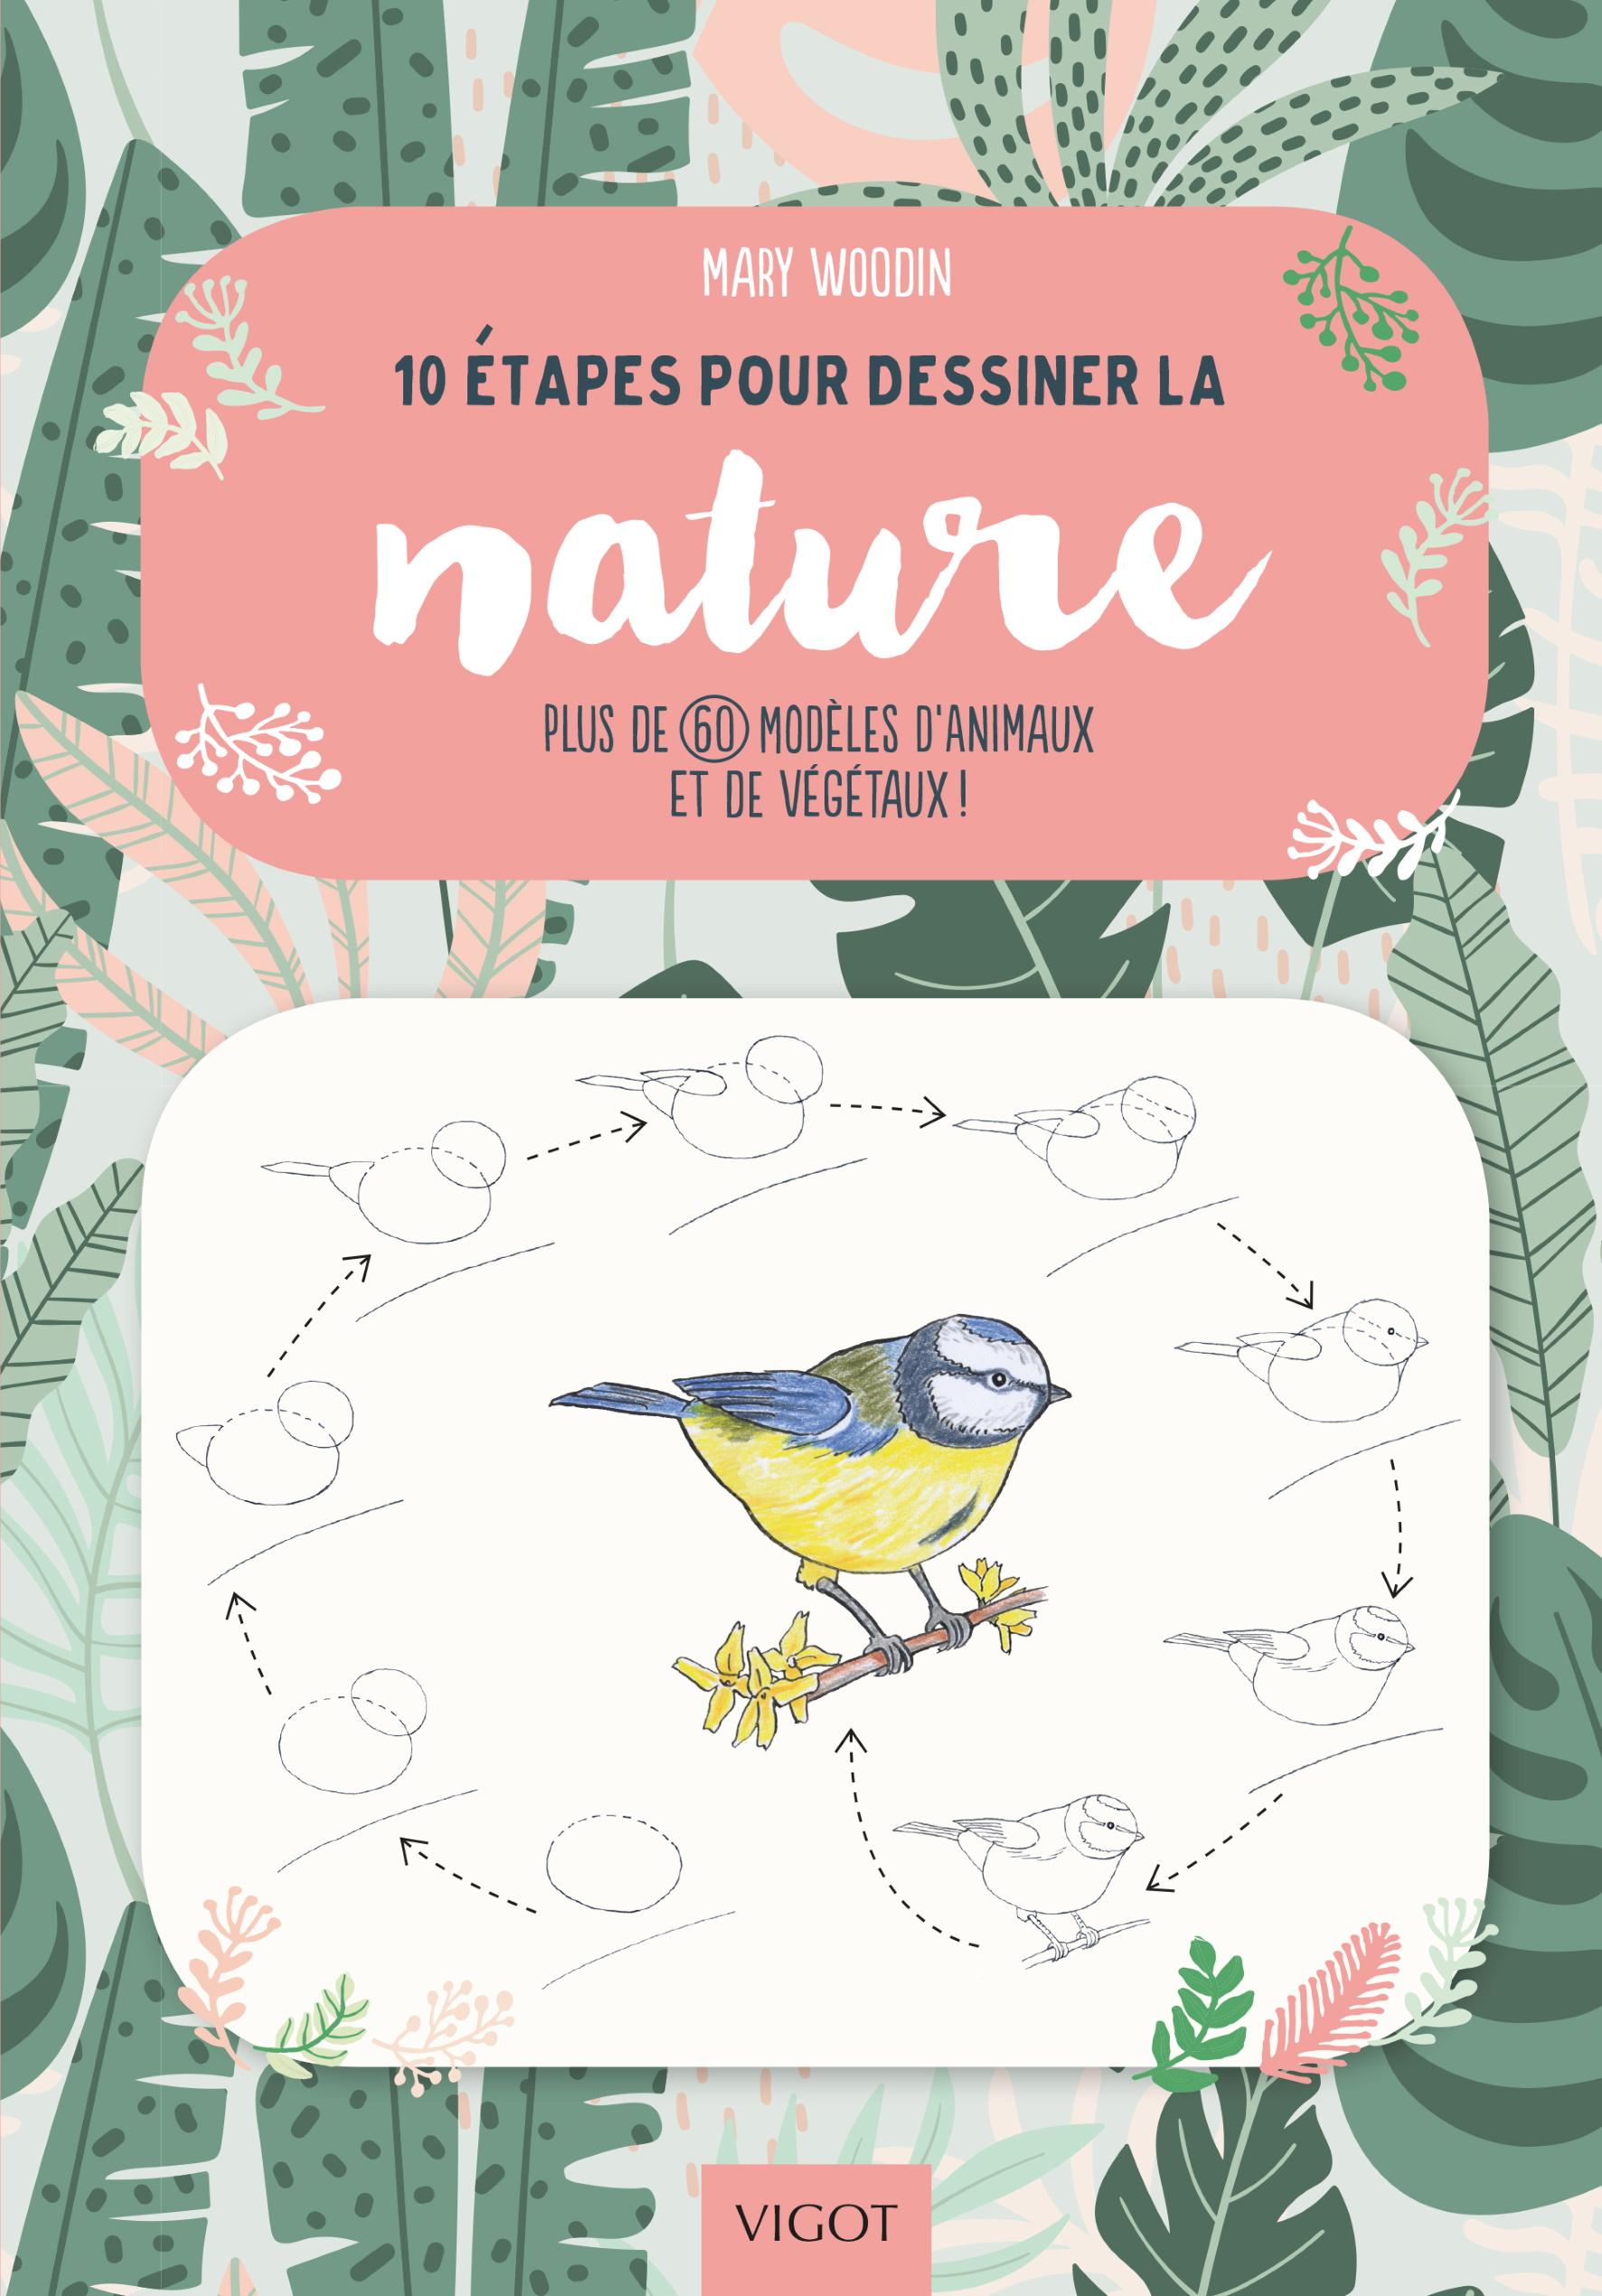 10 étapes pour dessiner la nature